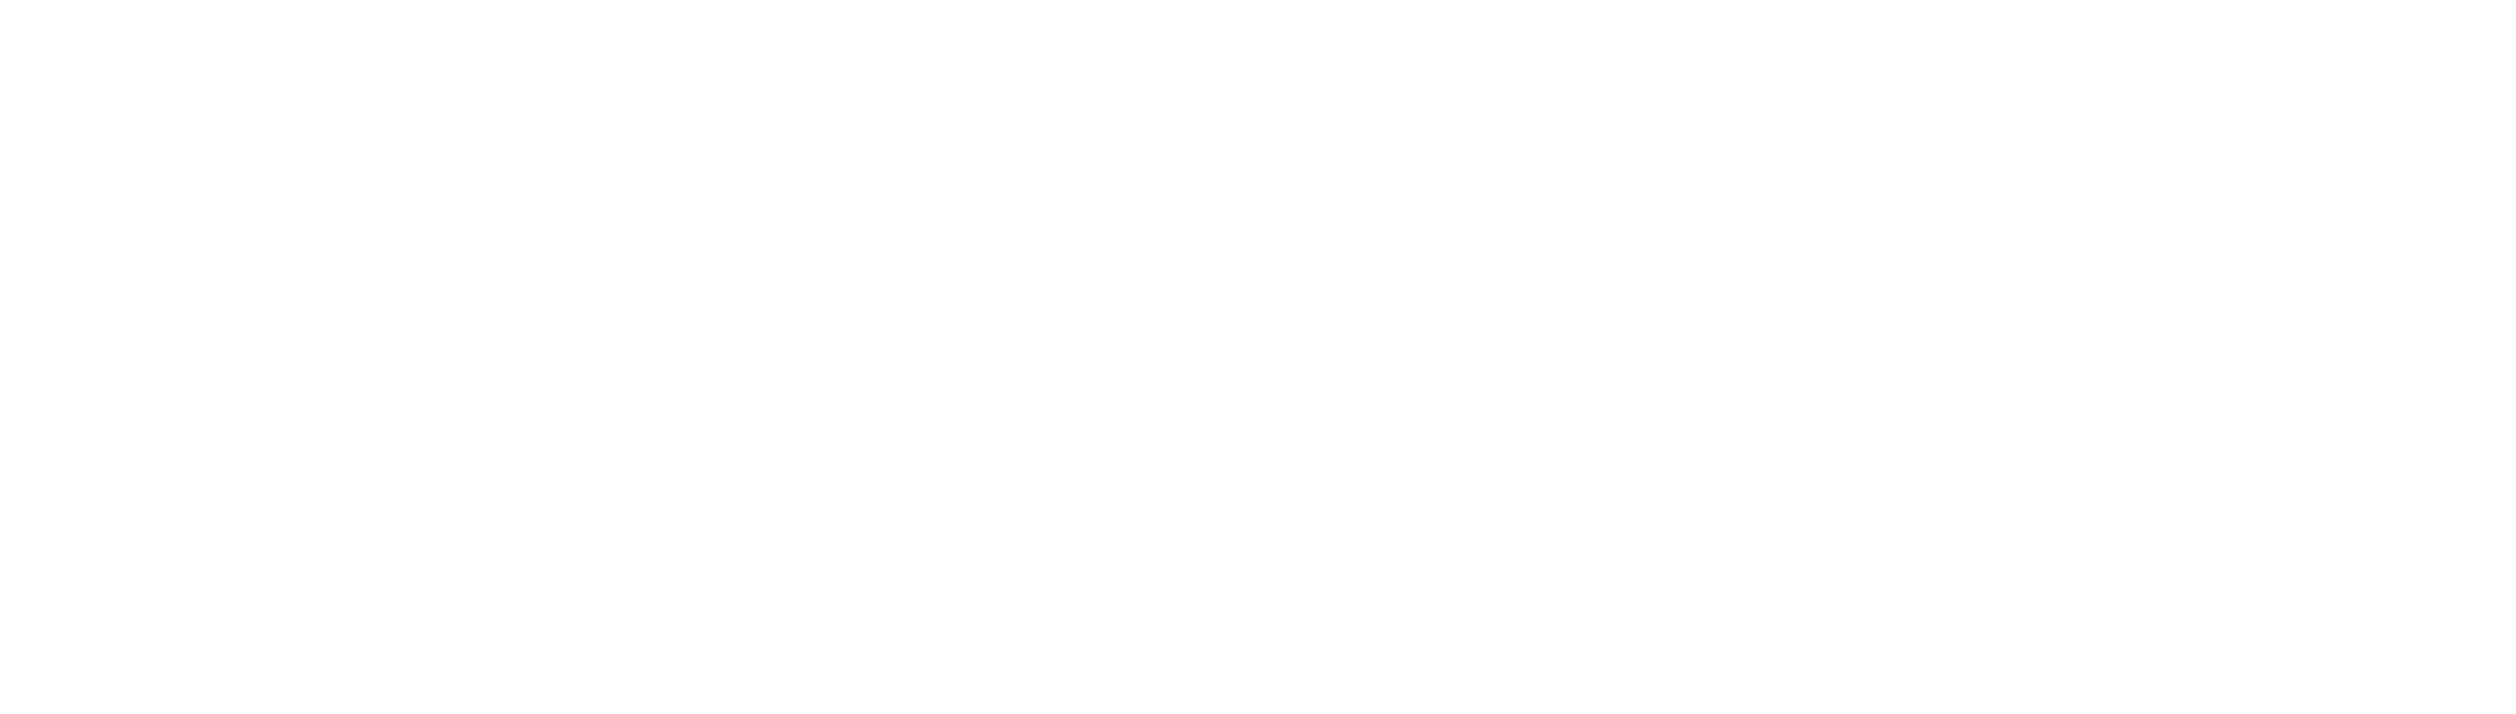 کلینیک فوق تخصصی چشم پزشکی نورآفرین